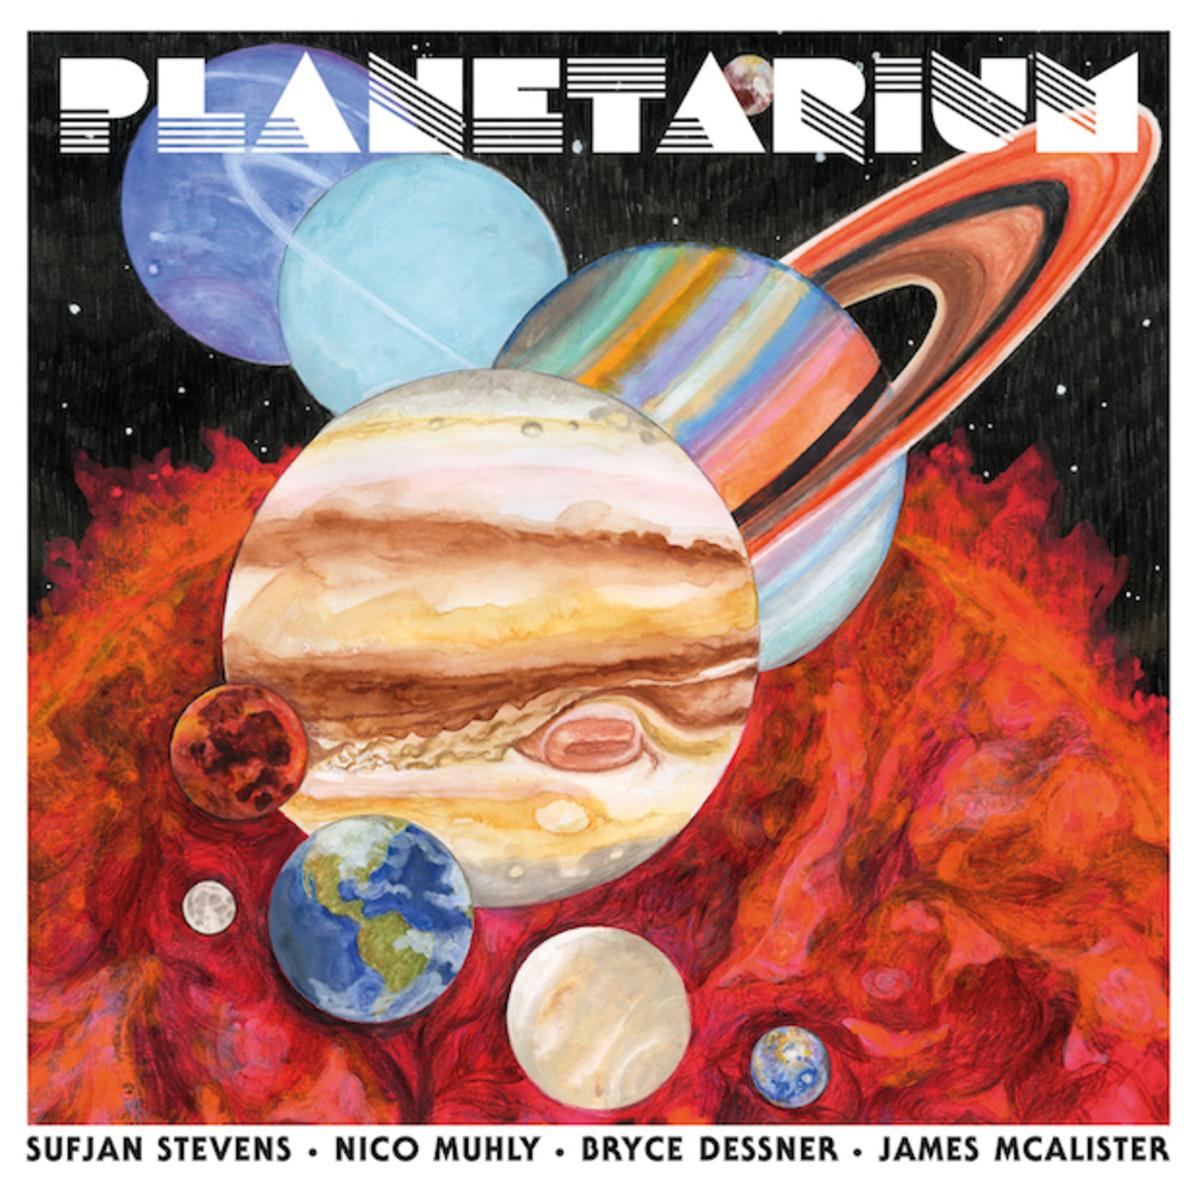 planetarium sufjan stream album Sufjan Stevens, The National's Bryce Dessner, and Nico Muhly release collaborative album Planetarium: Stream/download